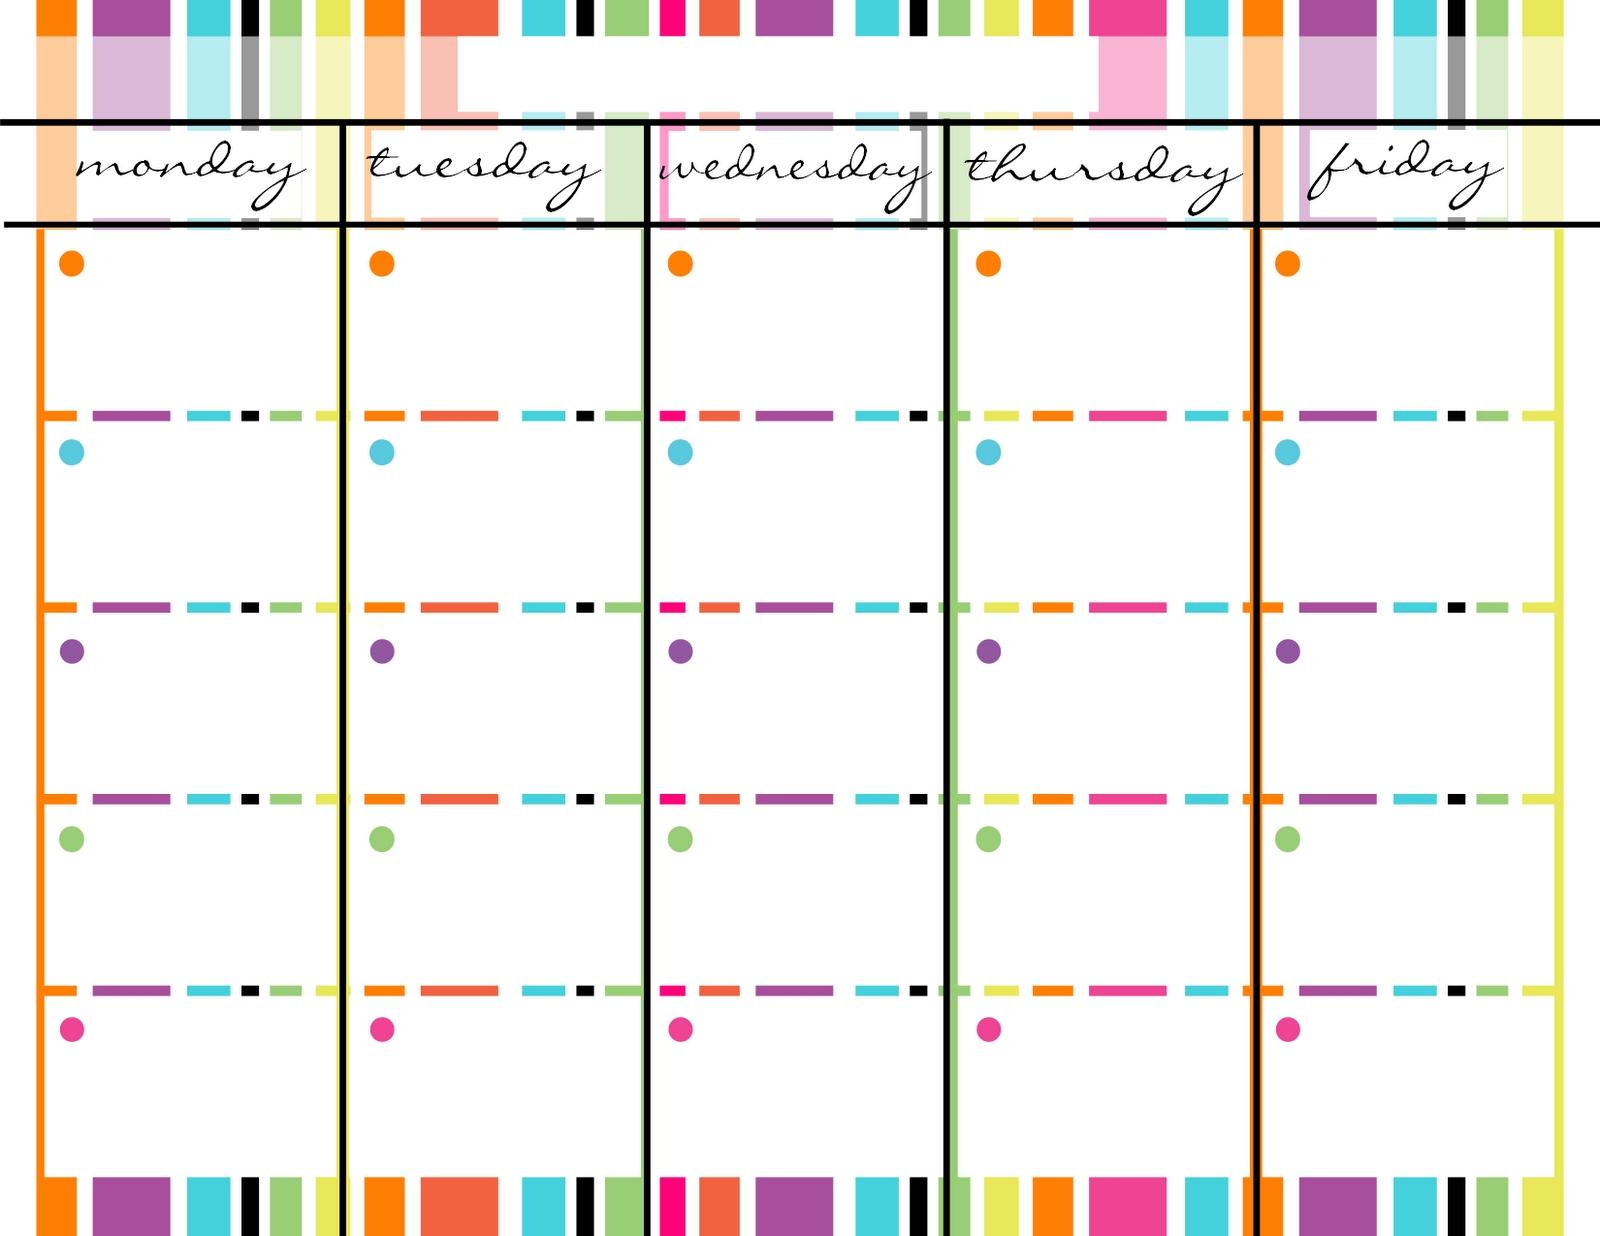 Blank Monday Through Friday Printable Calendar | School-Blank Calendar Page Monday To Friday